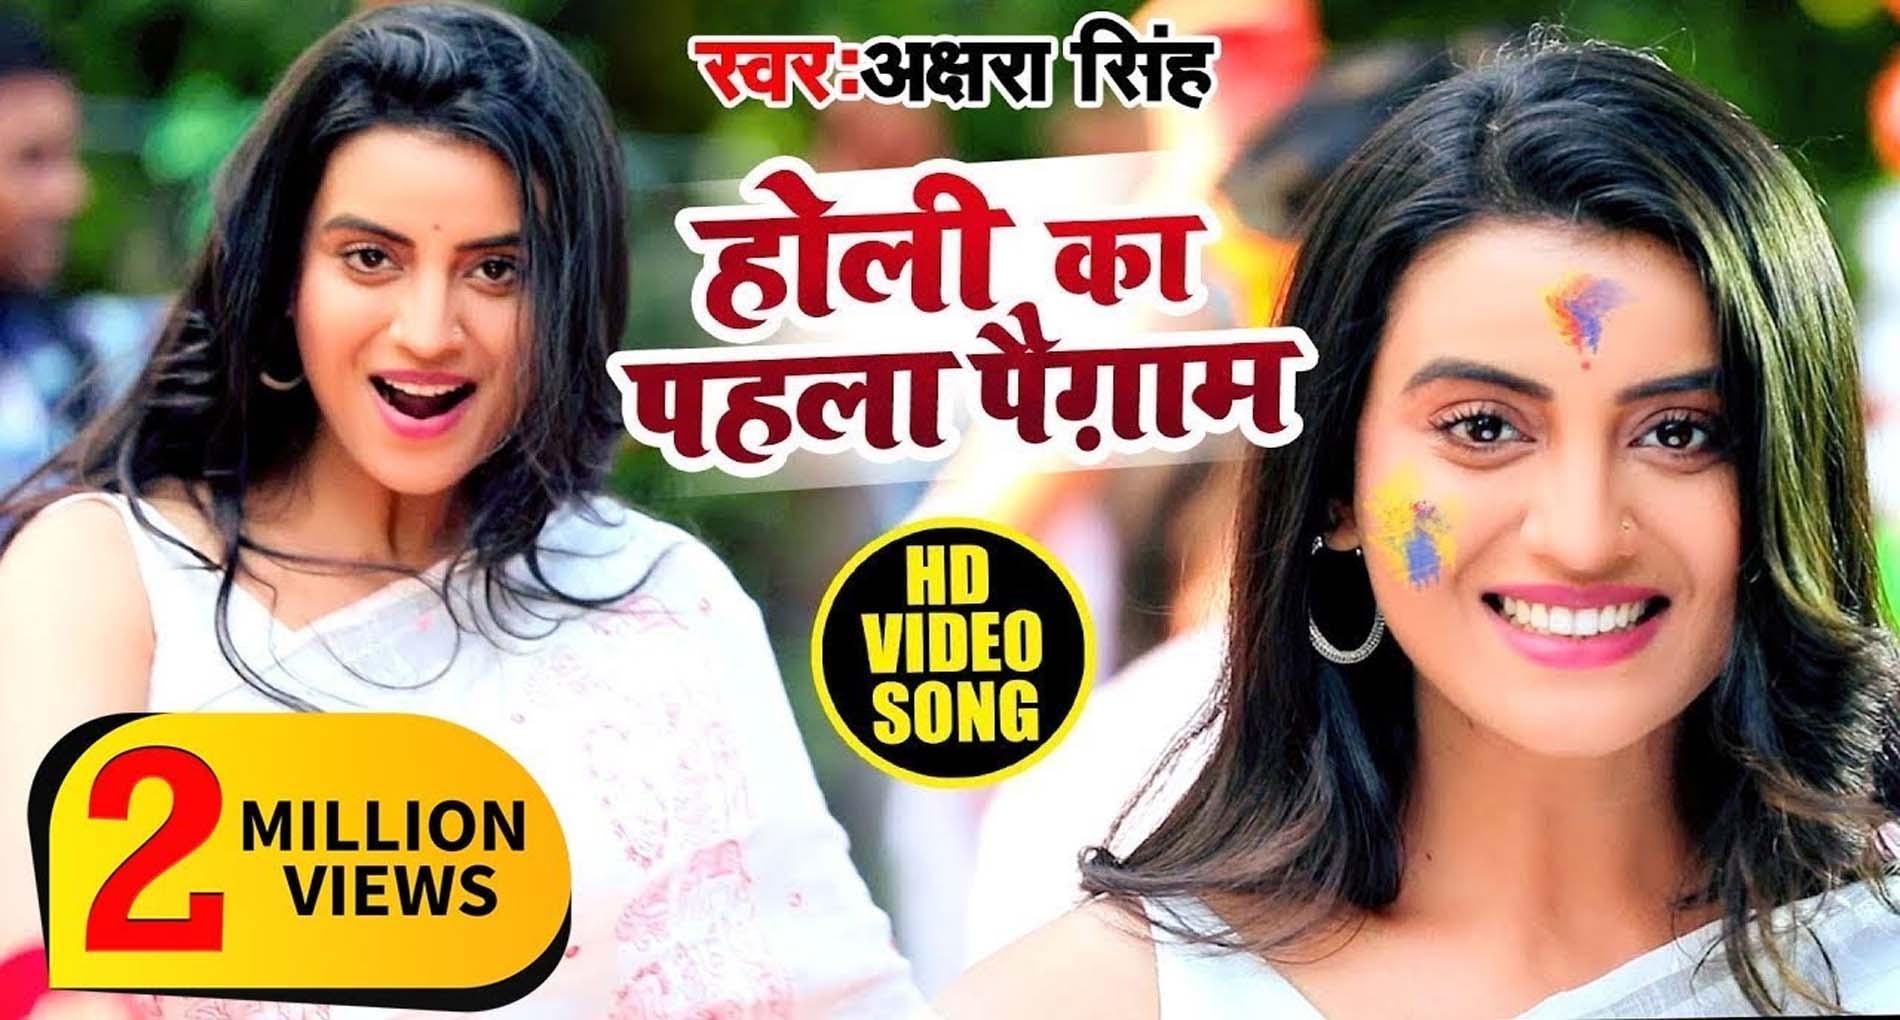 अक्षरा सिंह के नए गाने 'होली का पहला पैगाम' में दिखी हिंदू-मुस्लिम एकता की झलक! देखें वीडियो